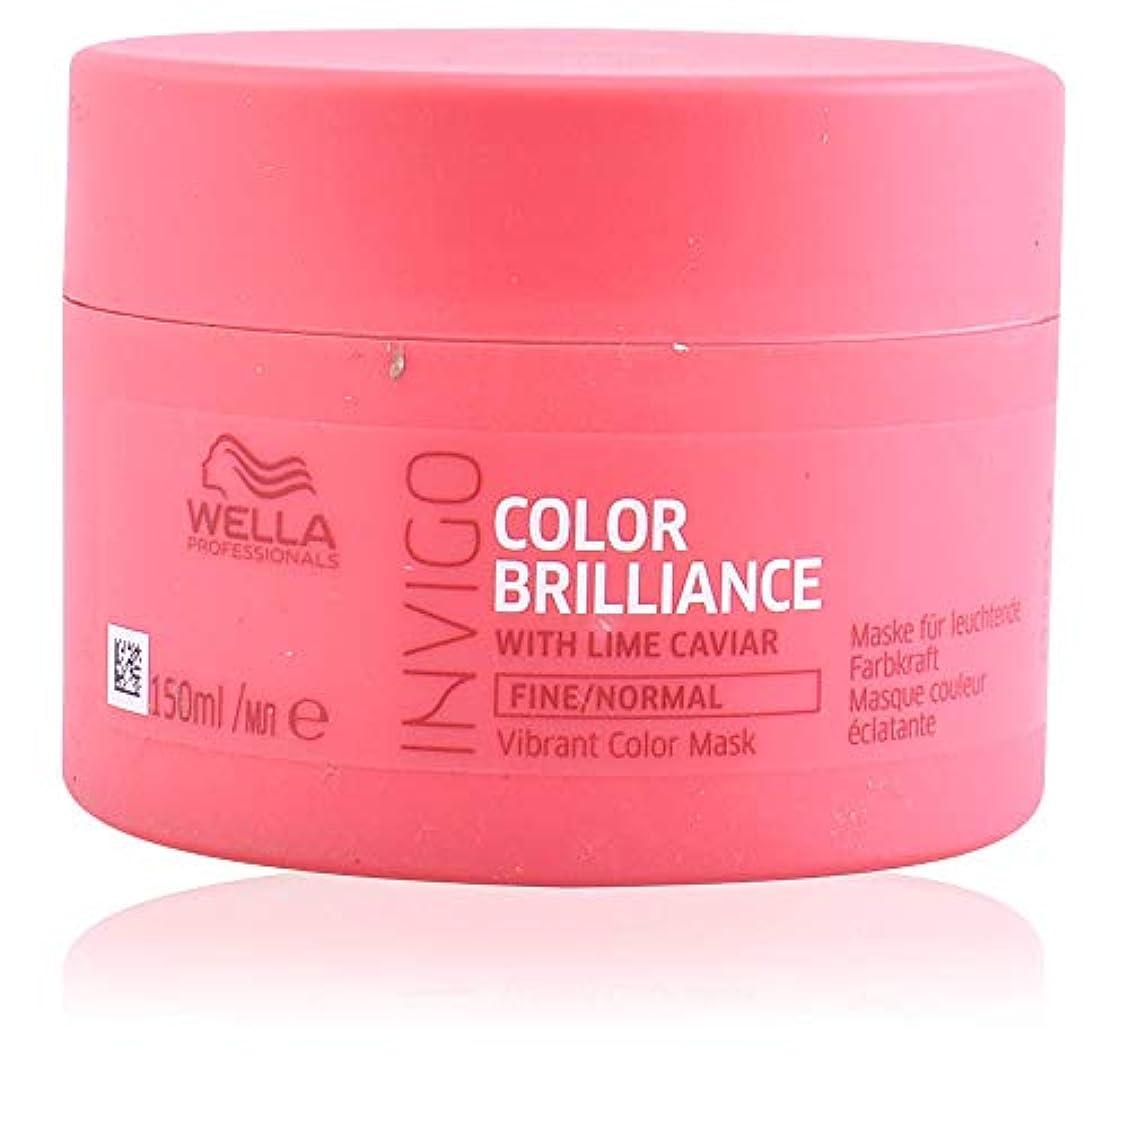 基礎理論スクランブル振るうウエラ インヴィゴ ファイン/ノーマル カラー マスク Wella Invigo Color Brilliance With Lime Caviar Fine/Normal Vibrant Color Mask 150...